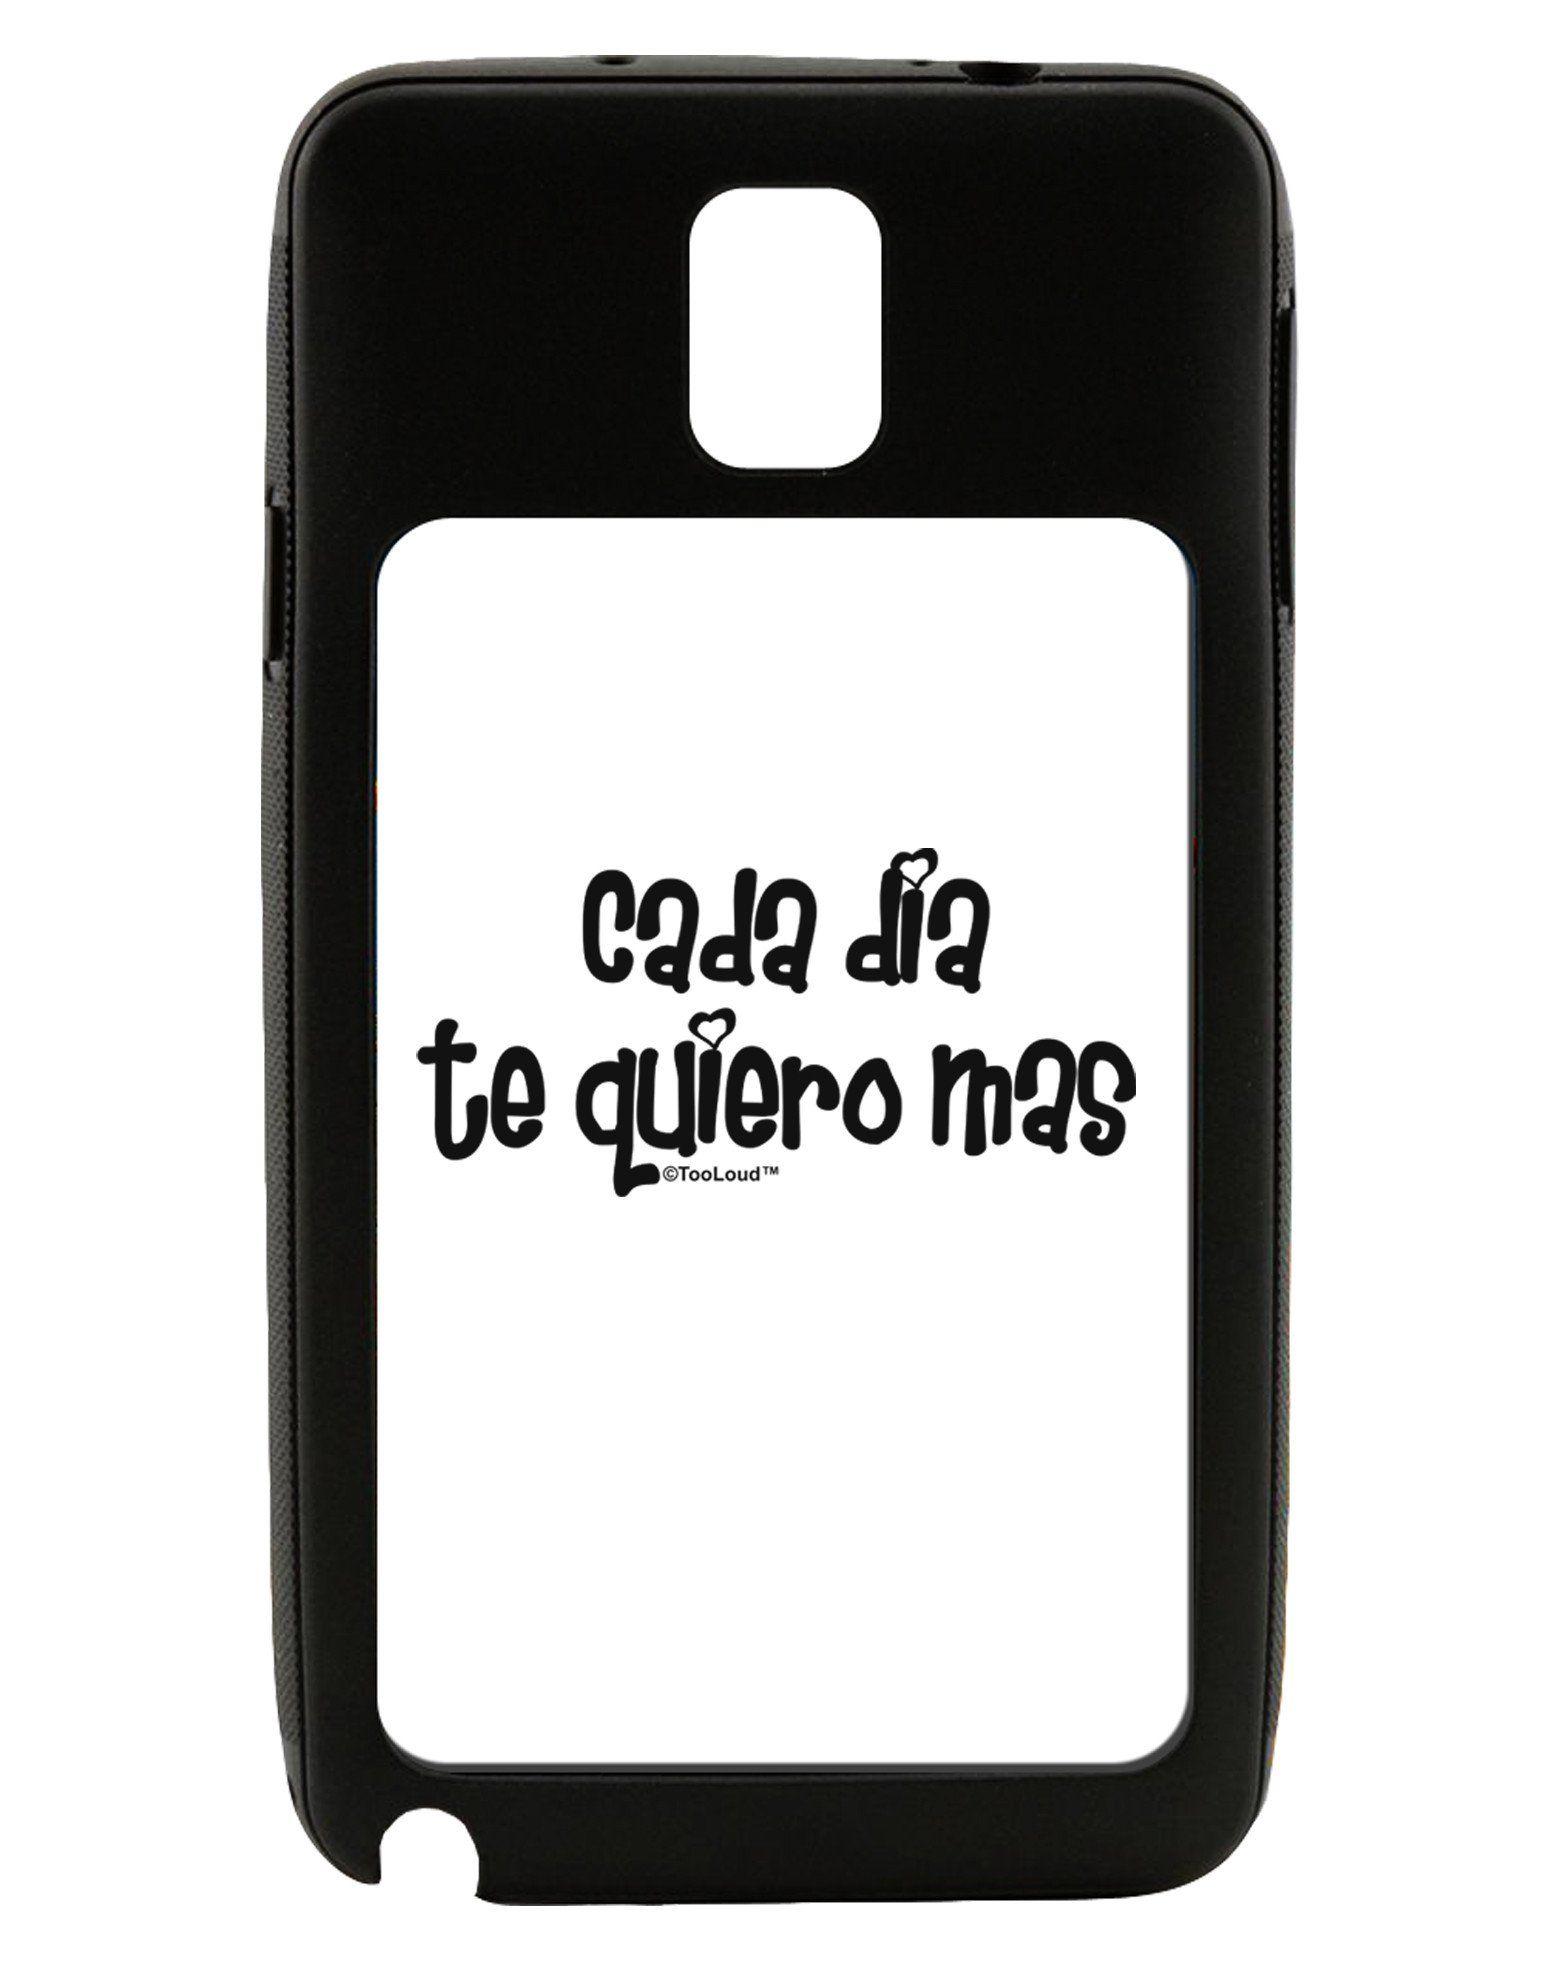 Cada Dia Te Quiero Mas Design Galaxy Note 3 Case by TooLoud